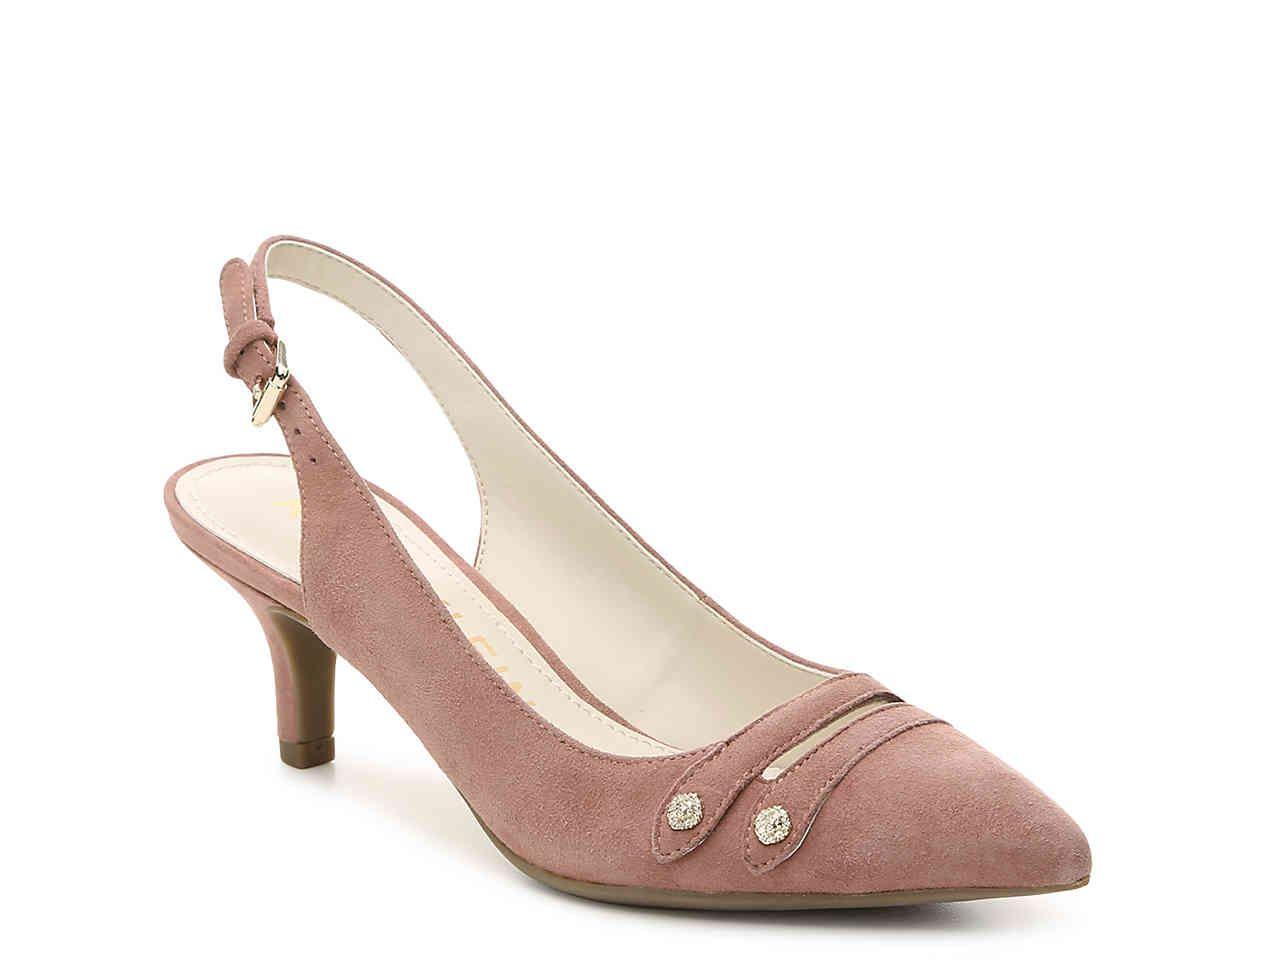 Anne Klein Fairyn Pump Women's Shoes DSW Pumps, Women